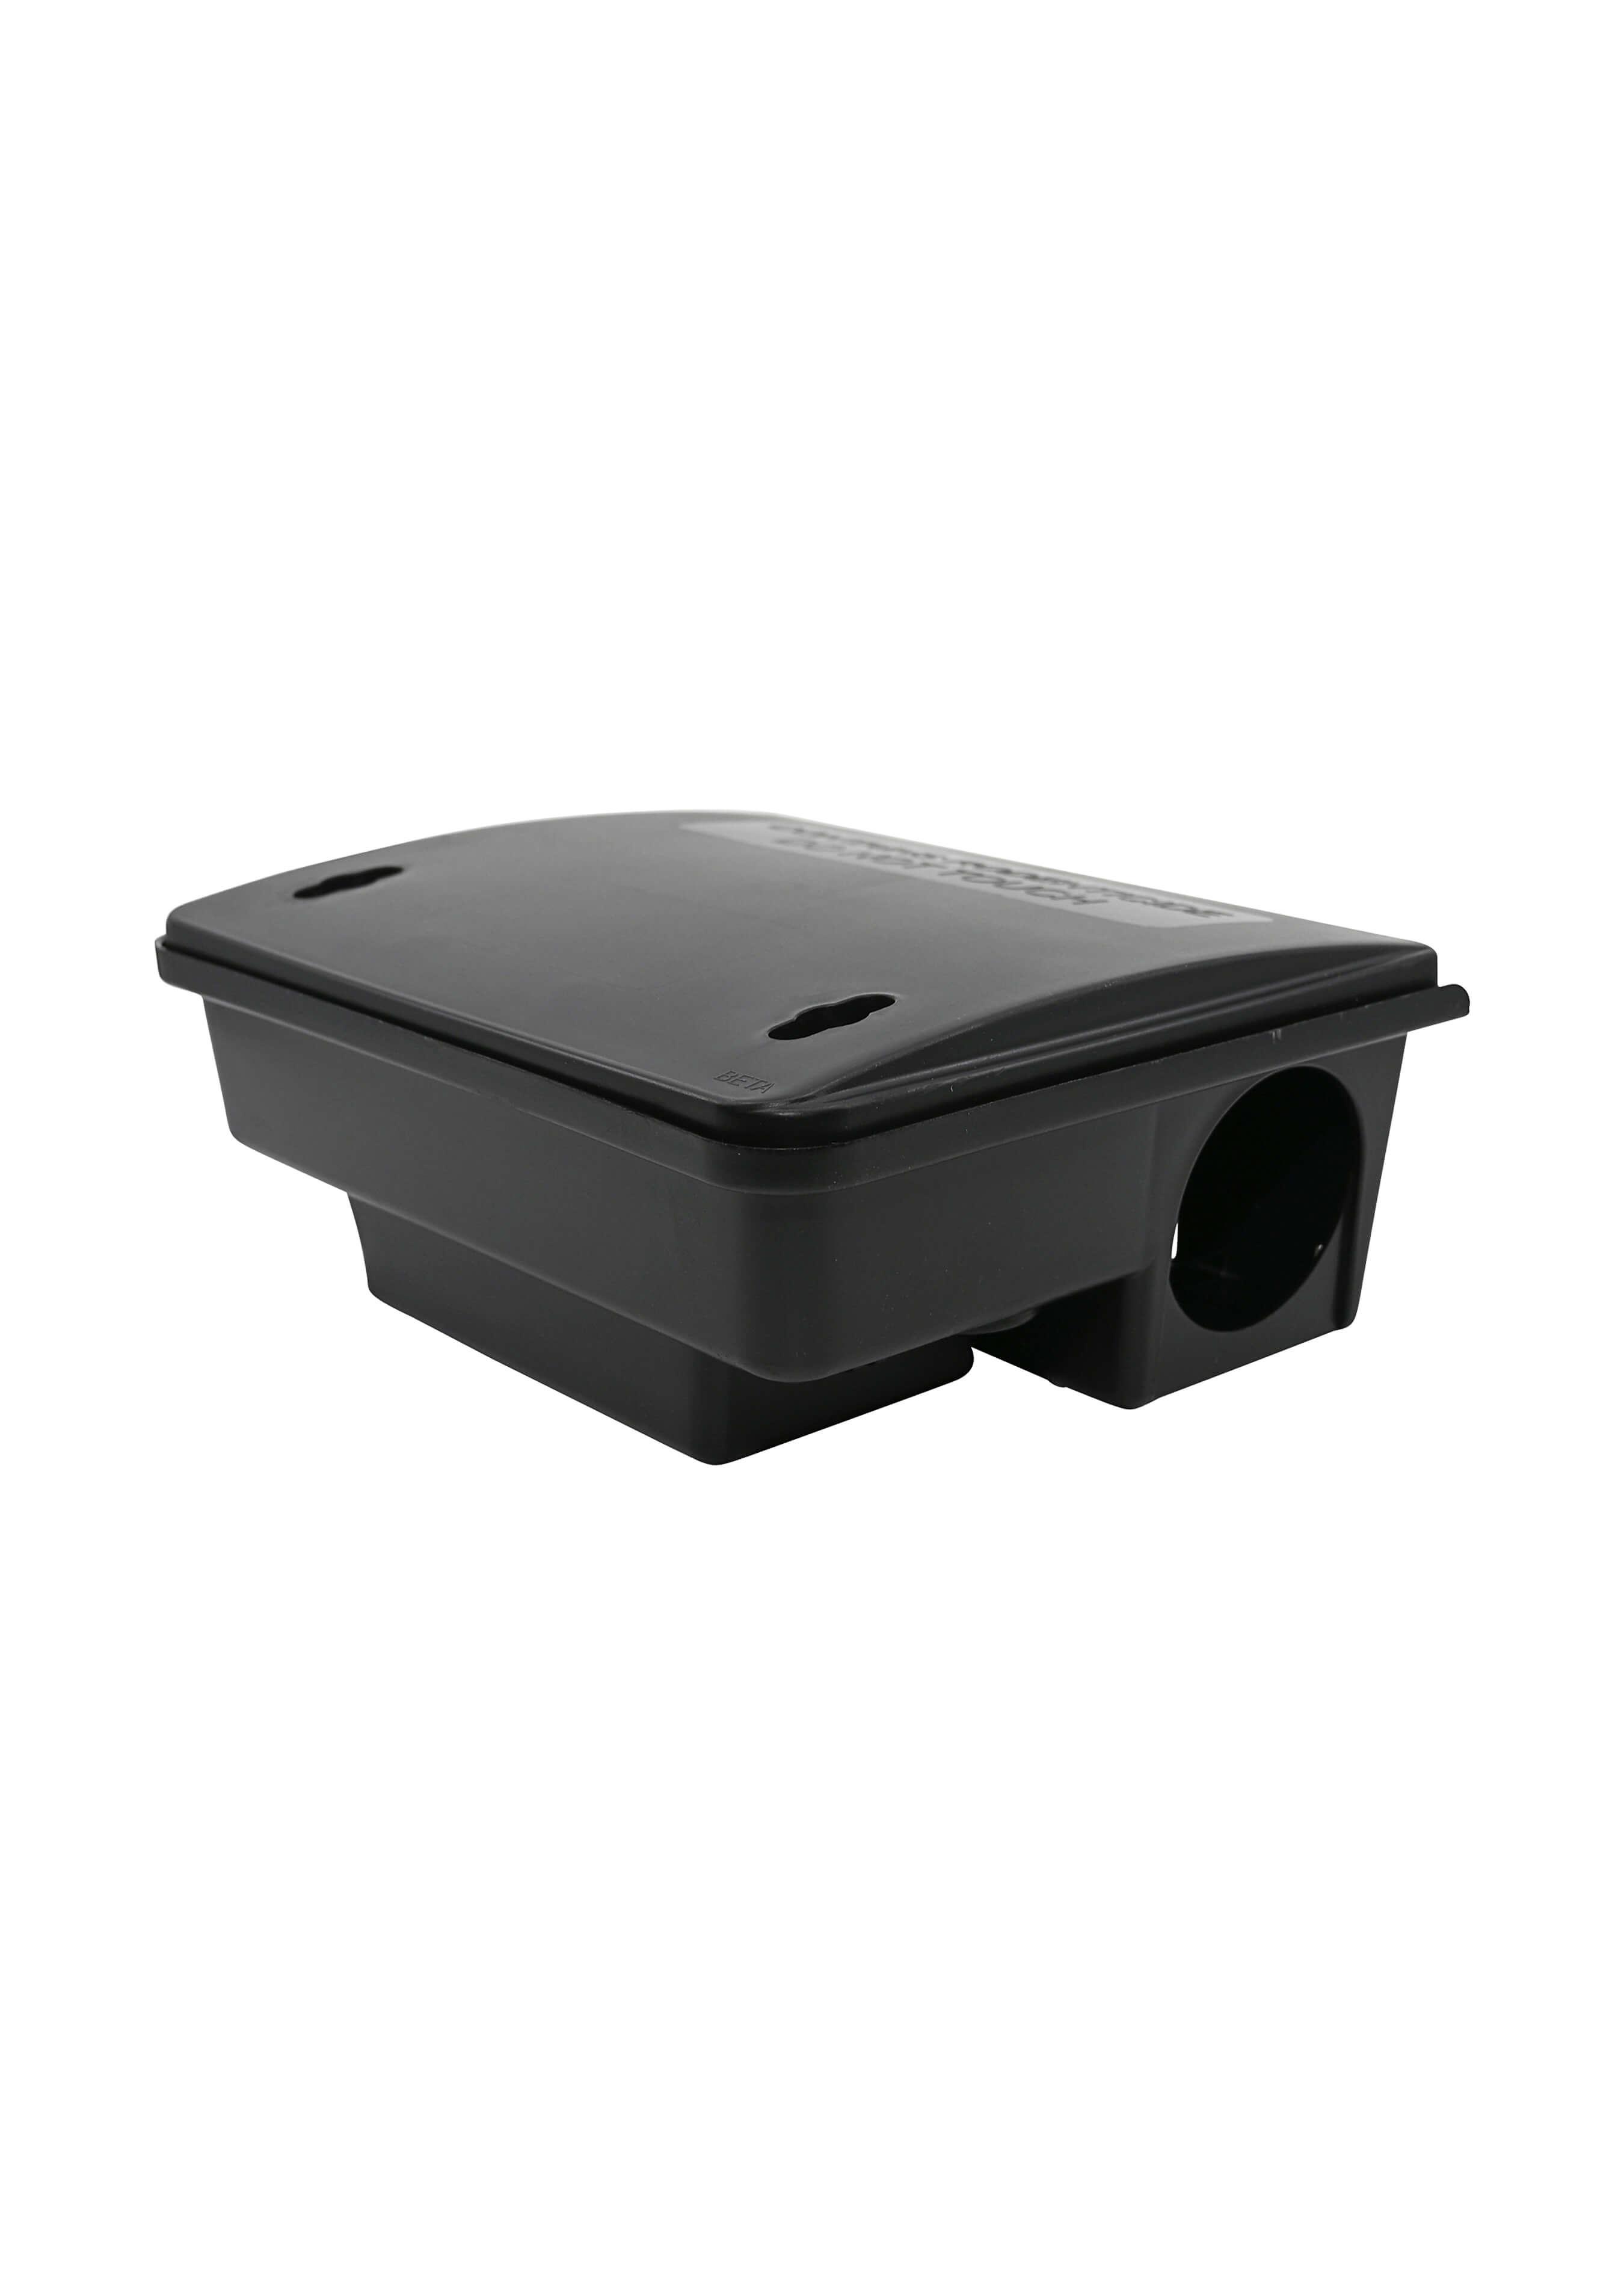 Abschliessbare Köder-Box L1151 1